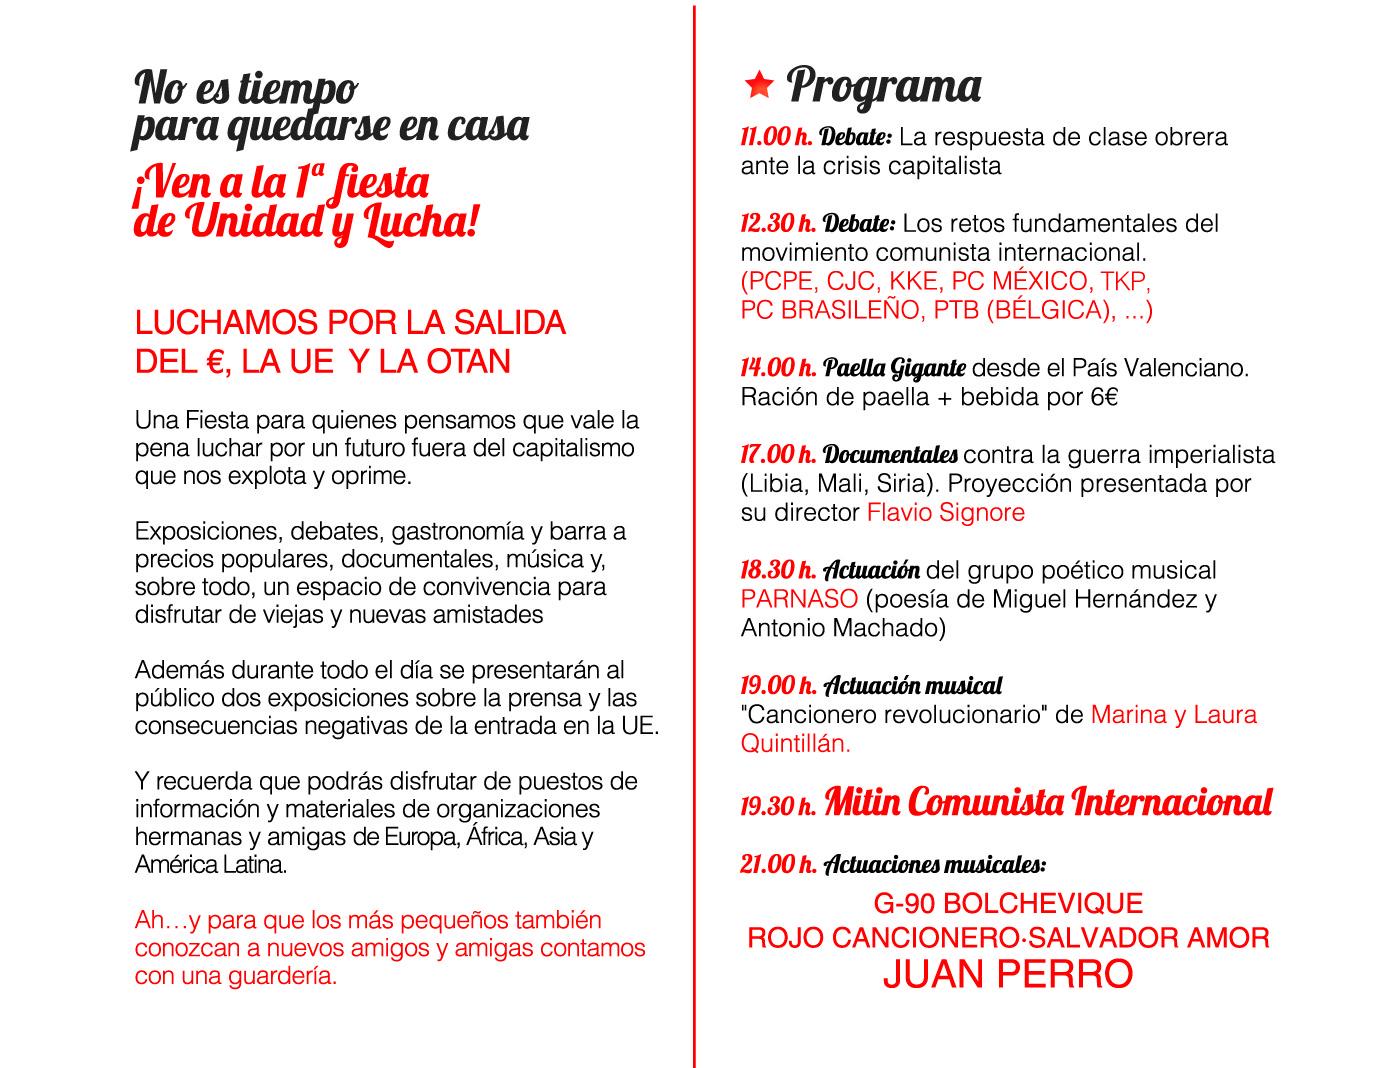 [PCPE-CJC ] 1º Fiesta Unidad y Lucha, 2 de noviembre Vallecas, Madrid. Imagen%20web-05-05